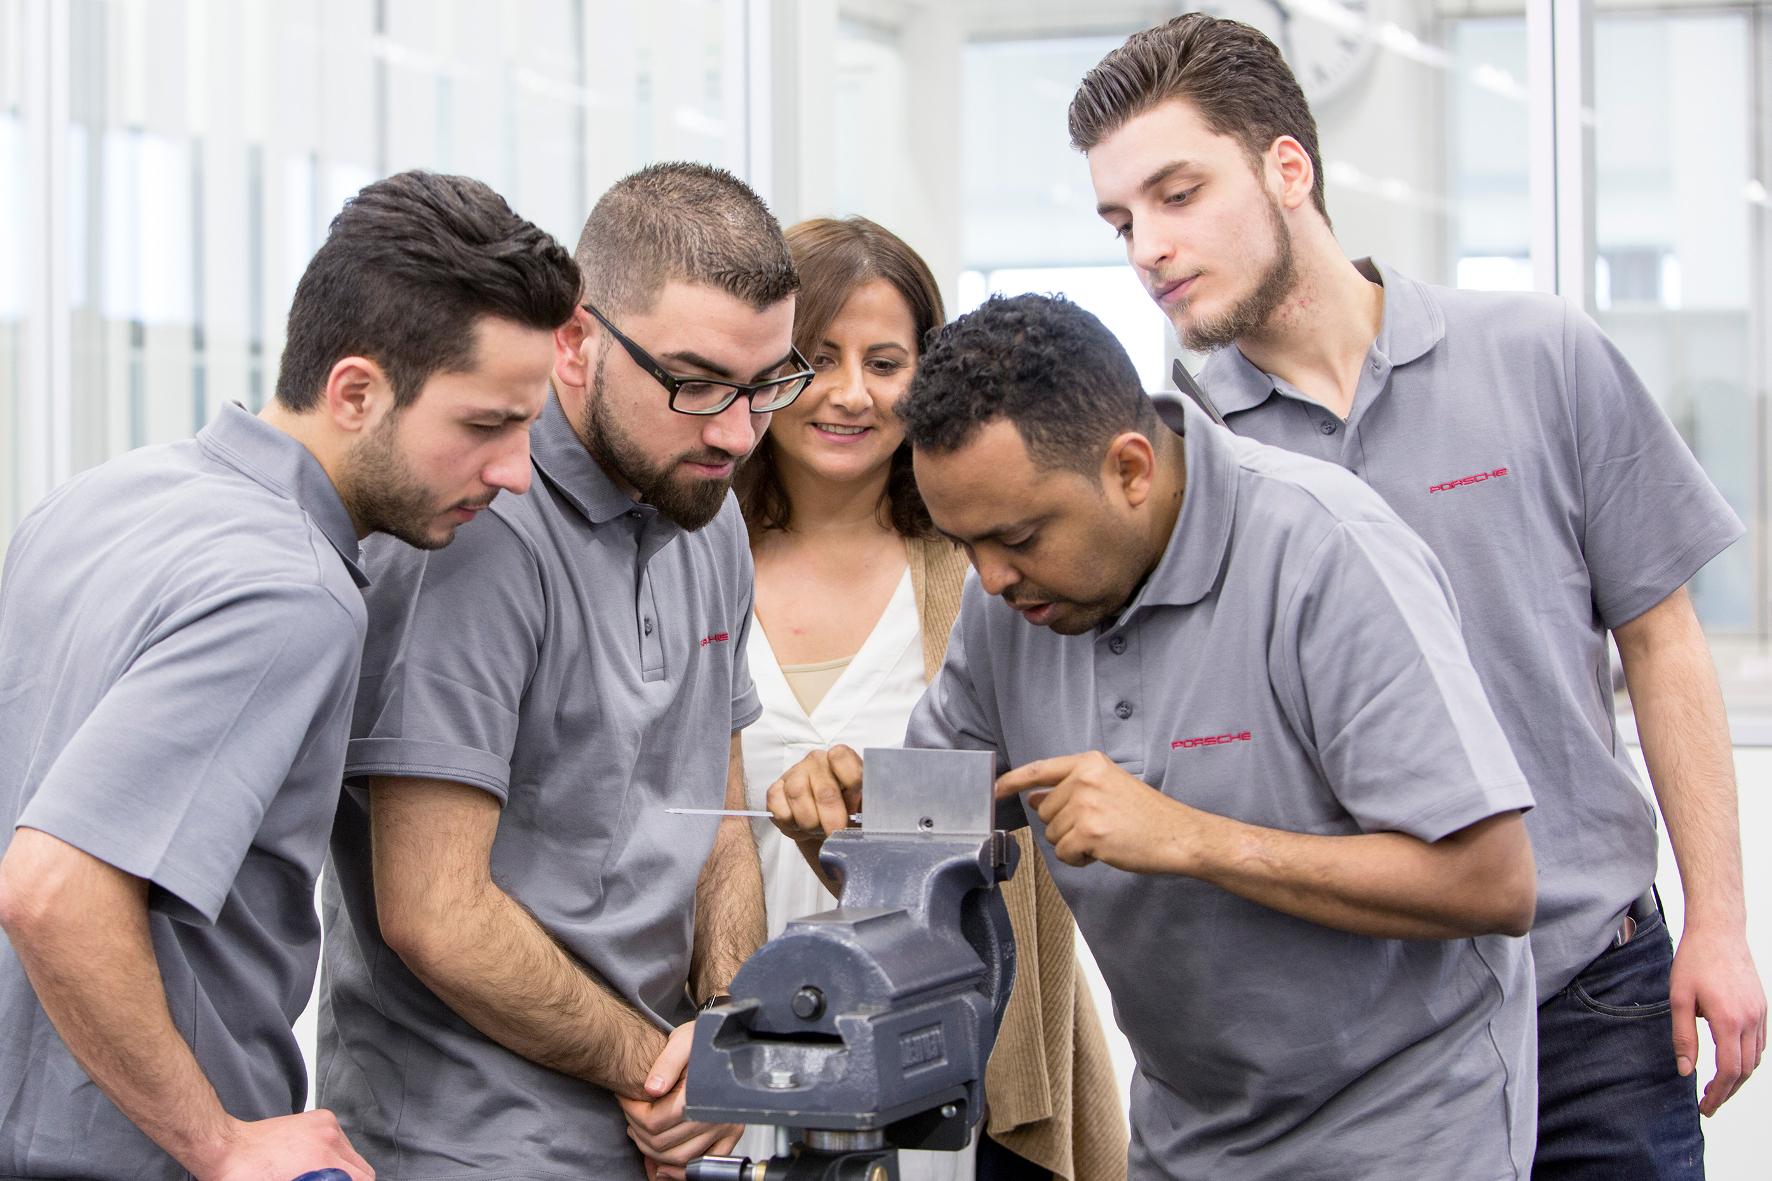 mid Groß-Gerau - Porsches Integrationsprogramm vermittelt Flüchtlingen die nötigen Grundkenntnisse zum erfolgreichen Berufseinstieg.